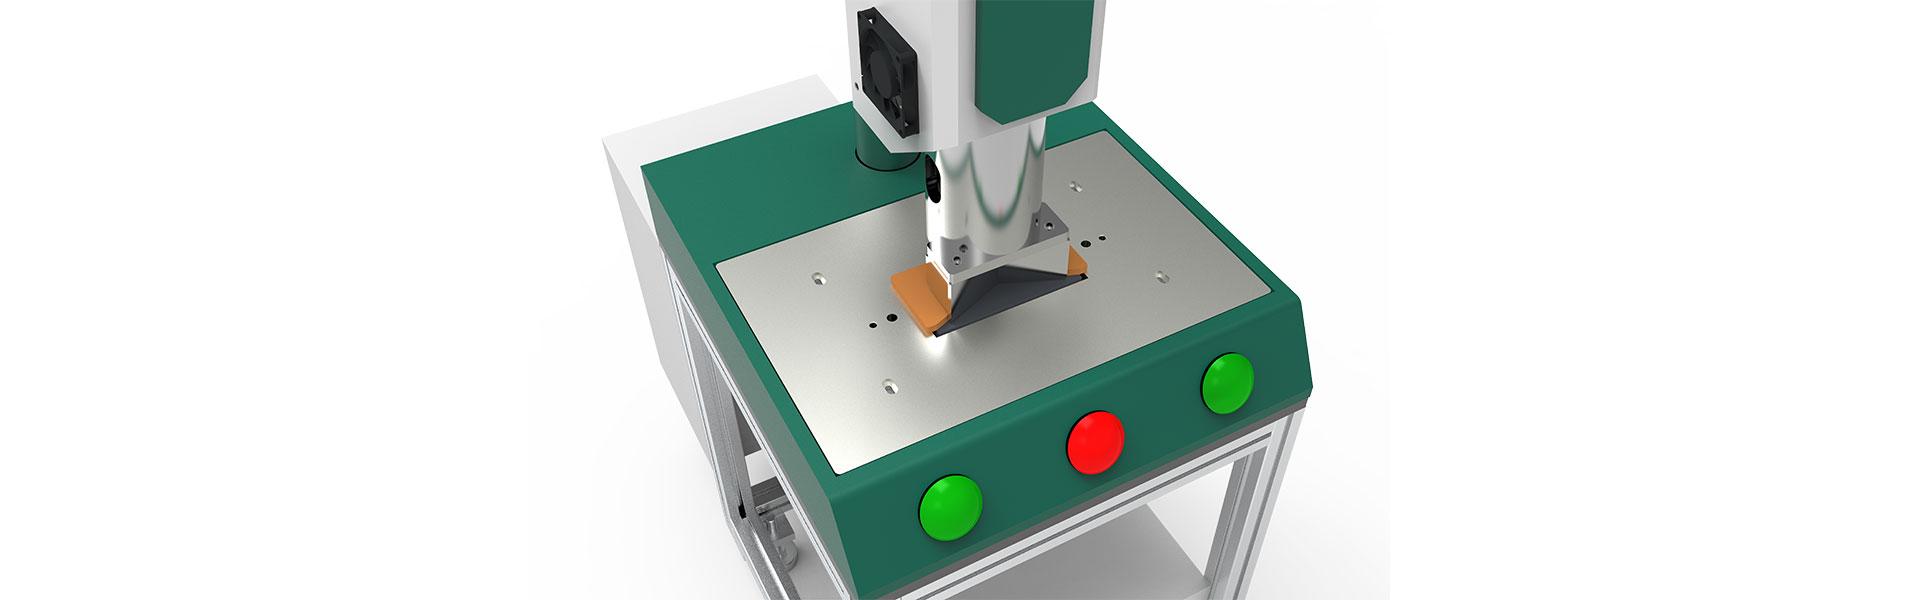 激光切割机价格,激光切割机报价,激光切割机厂家,光纤激光切割机,激光切割设备,激光切割机,激光切割机多少钱一台